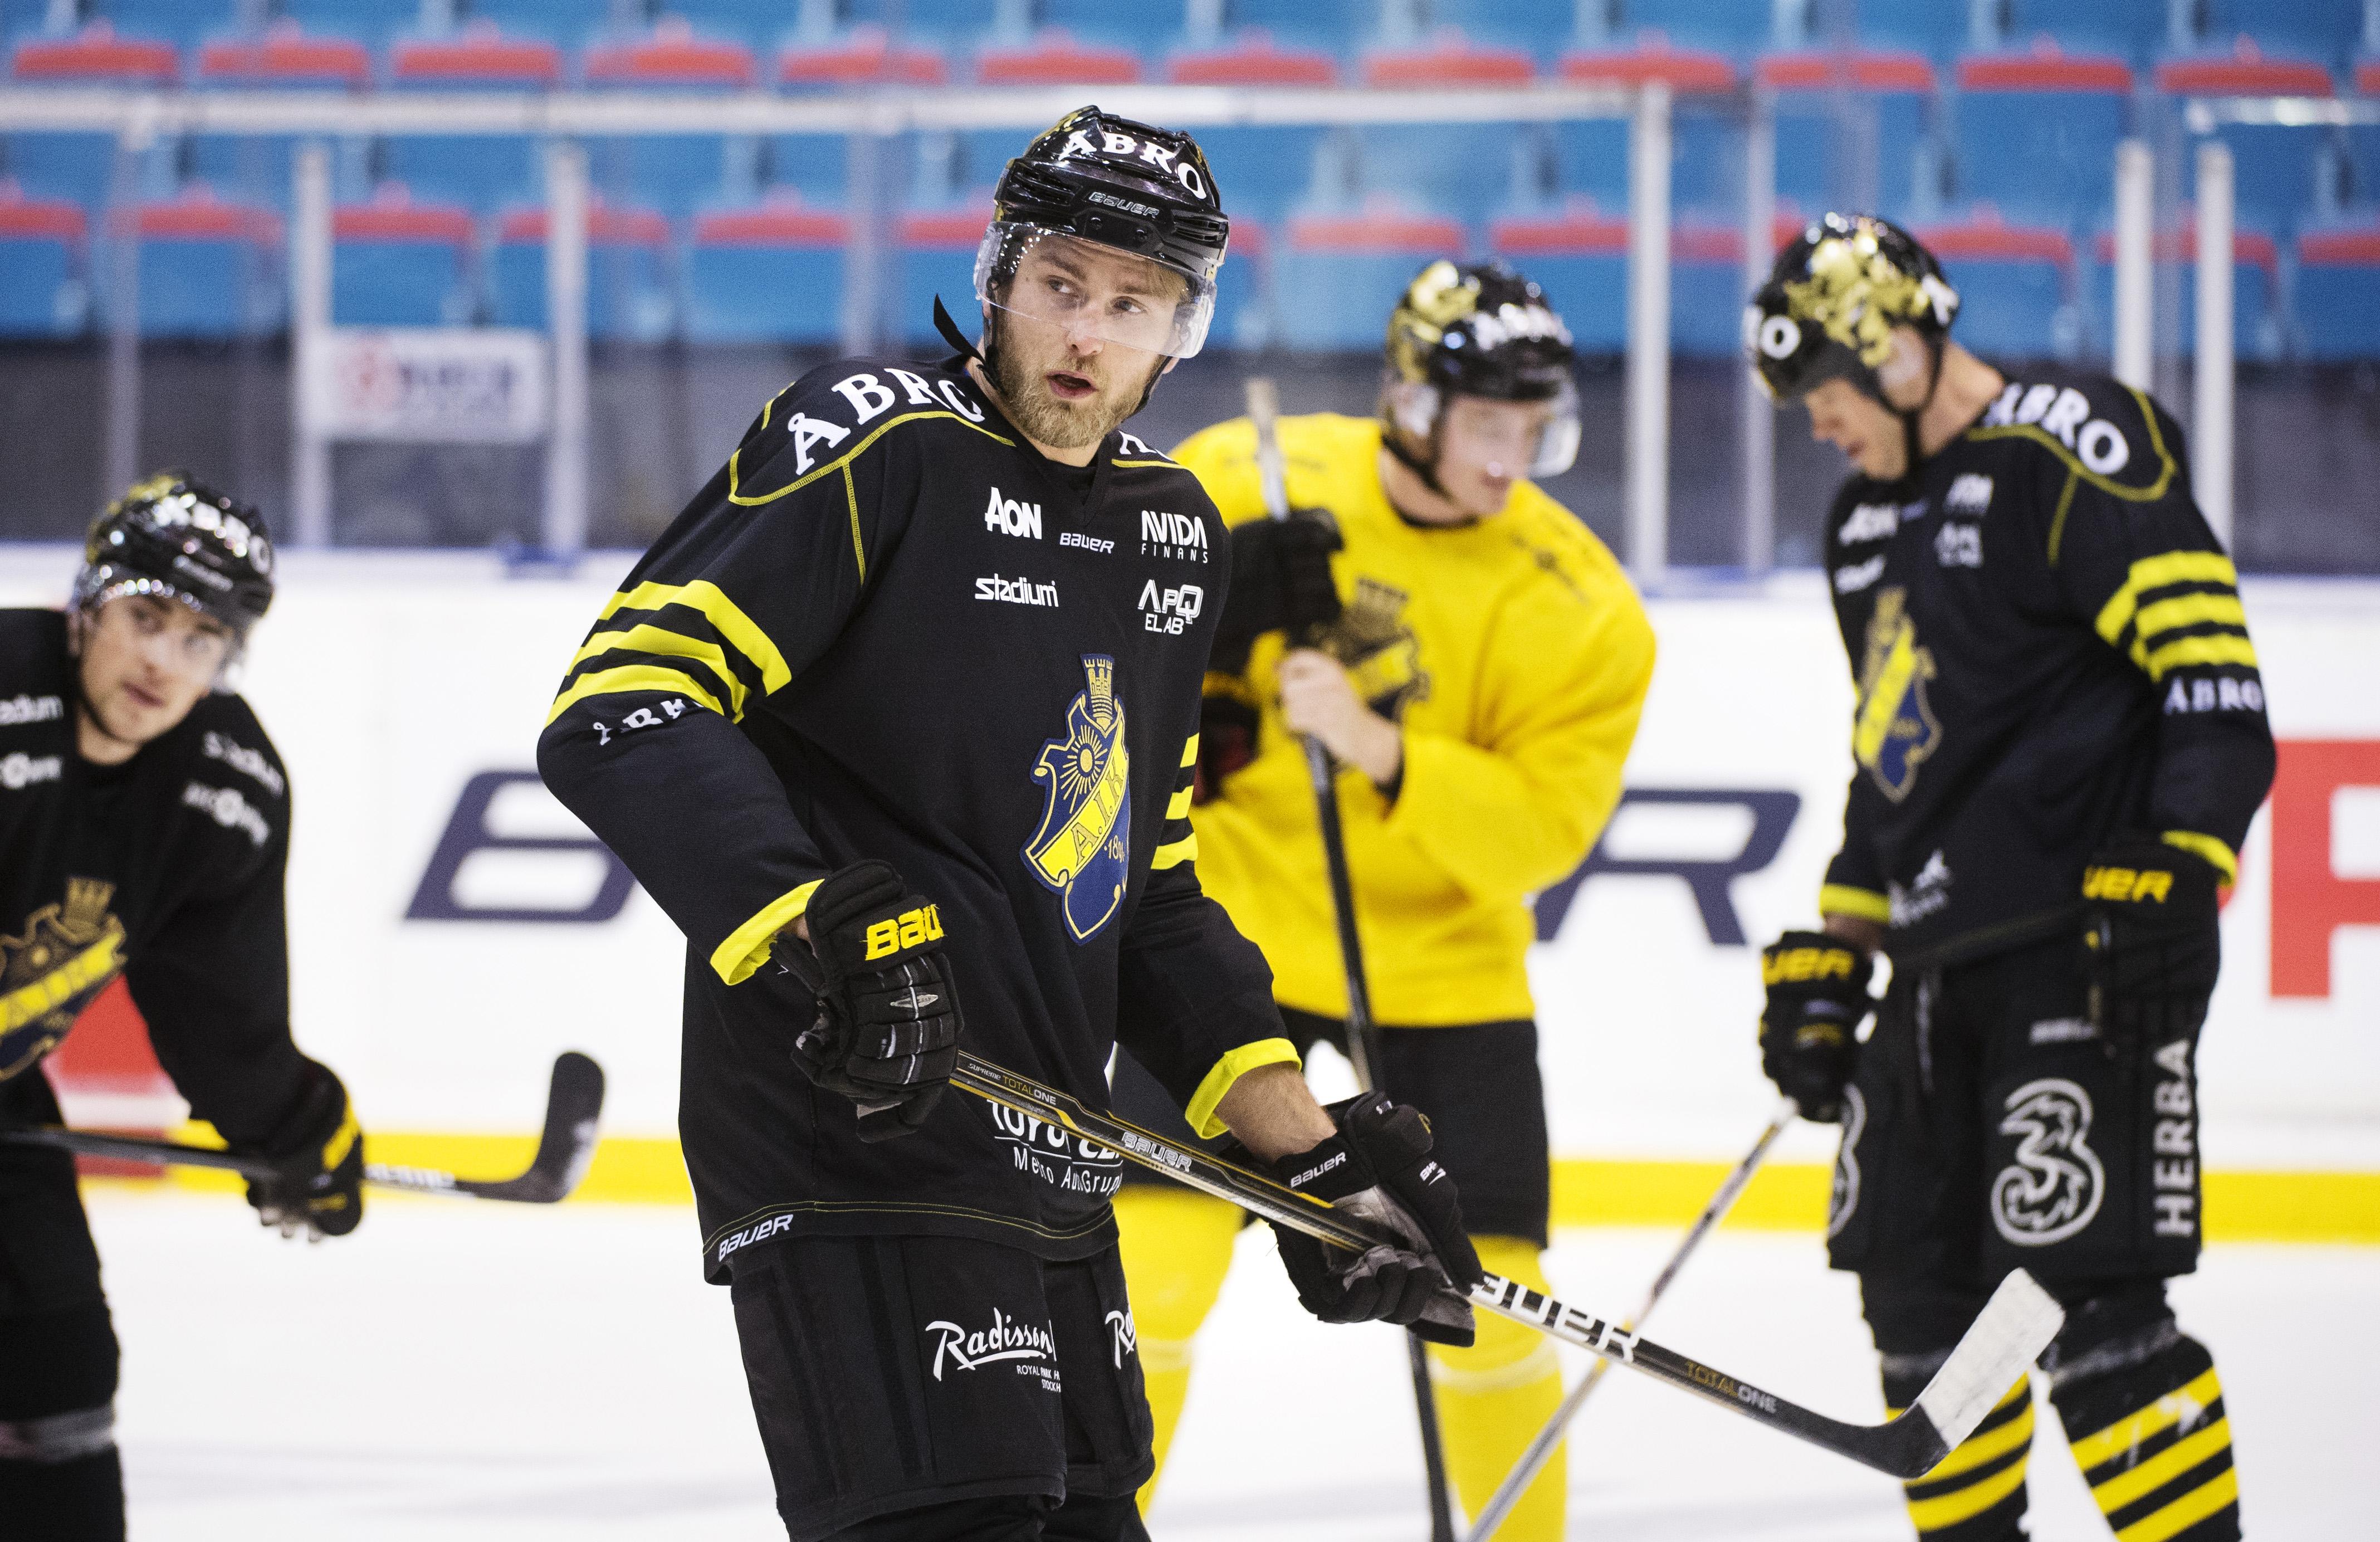 Gustafsson skates with the AIK Hockey Team